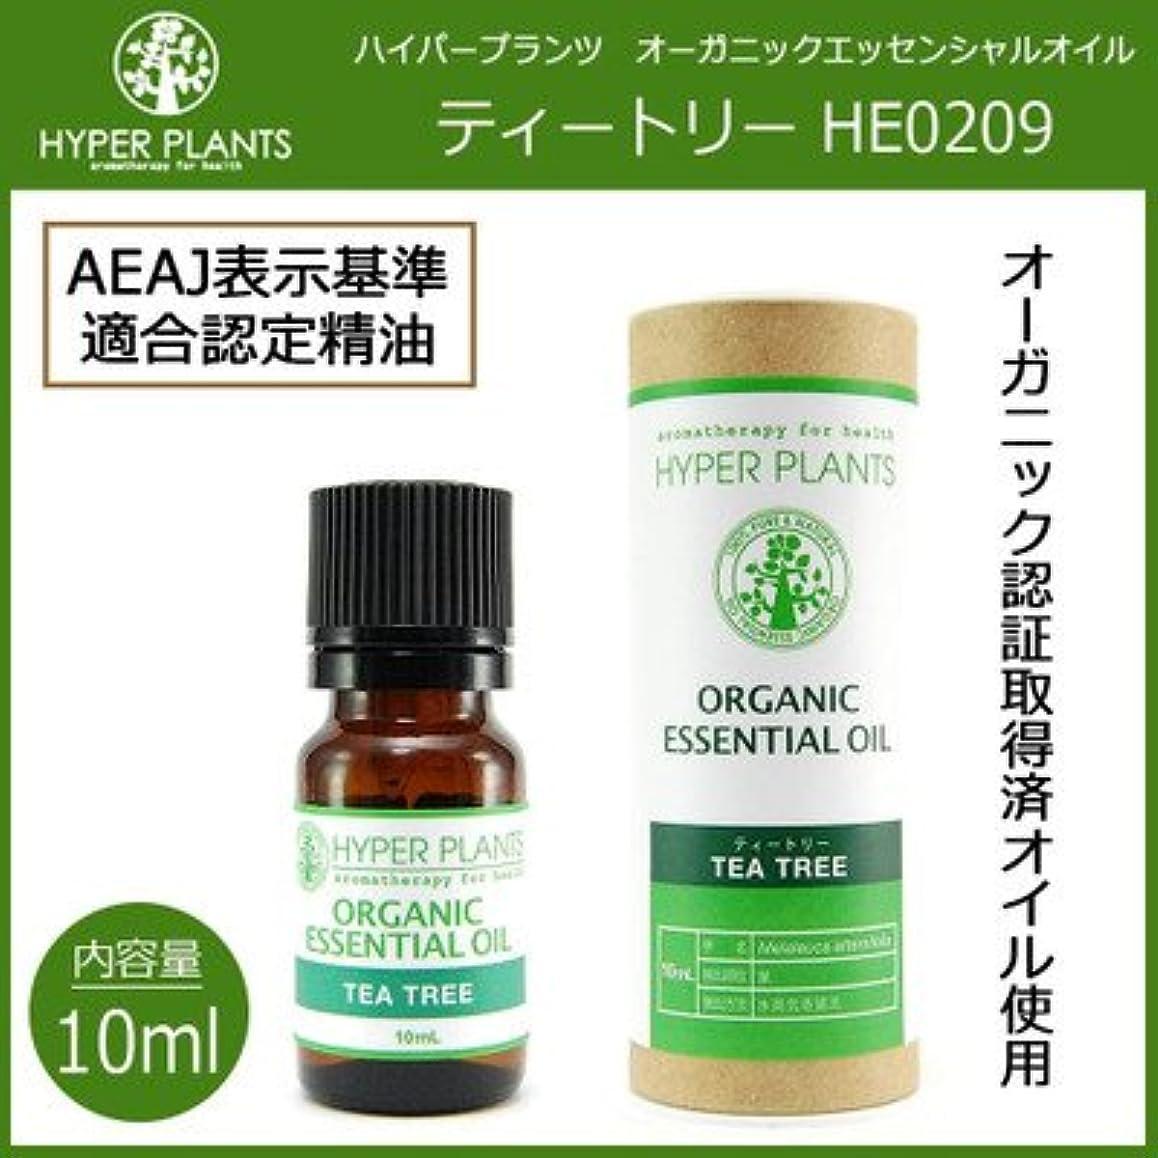 虚弱好奇心体系的に毎日の生活にアロマの香りを HYPER PLANTS ハイパープランツ オーガニックエッセンシャルオイル ティートリー 10ml HE0209